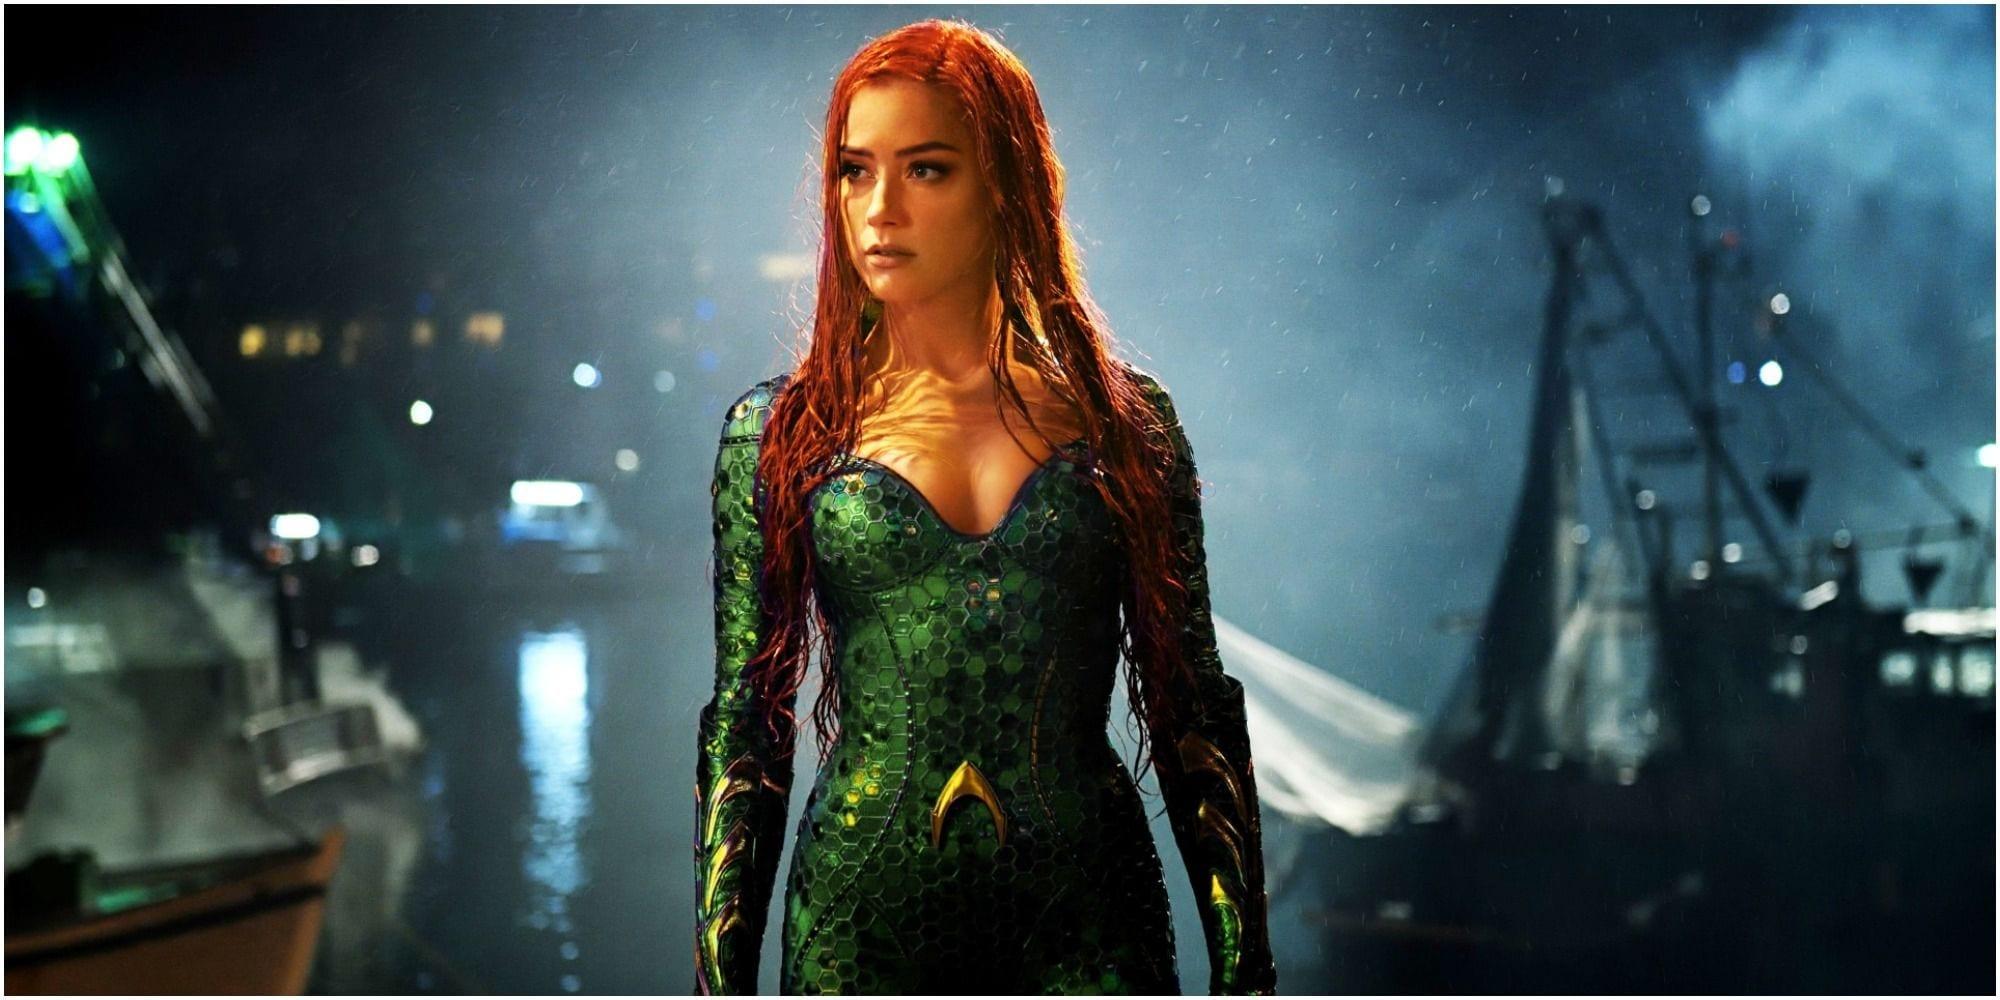 Amber Heard: nuove voci sul licenziamento da Aquaman 2 smentite